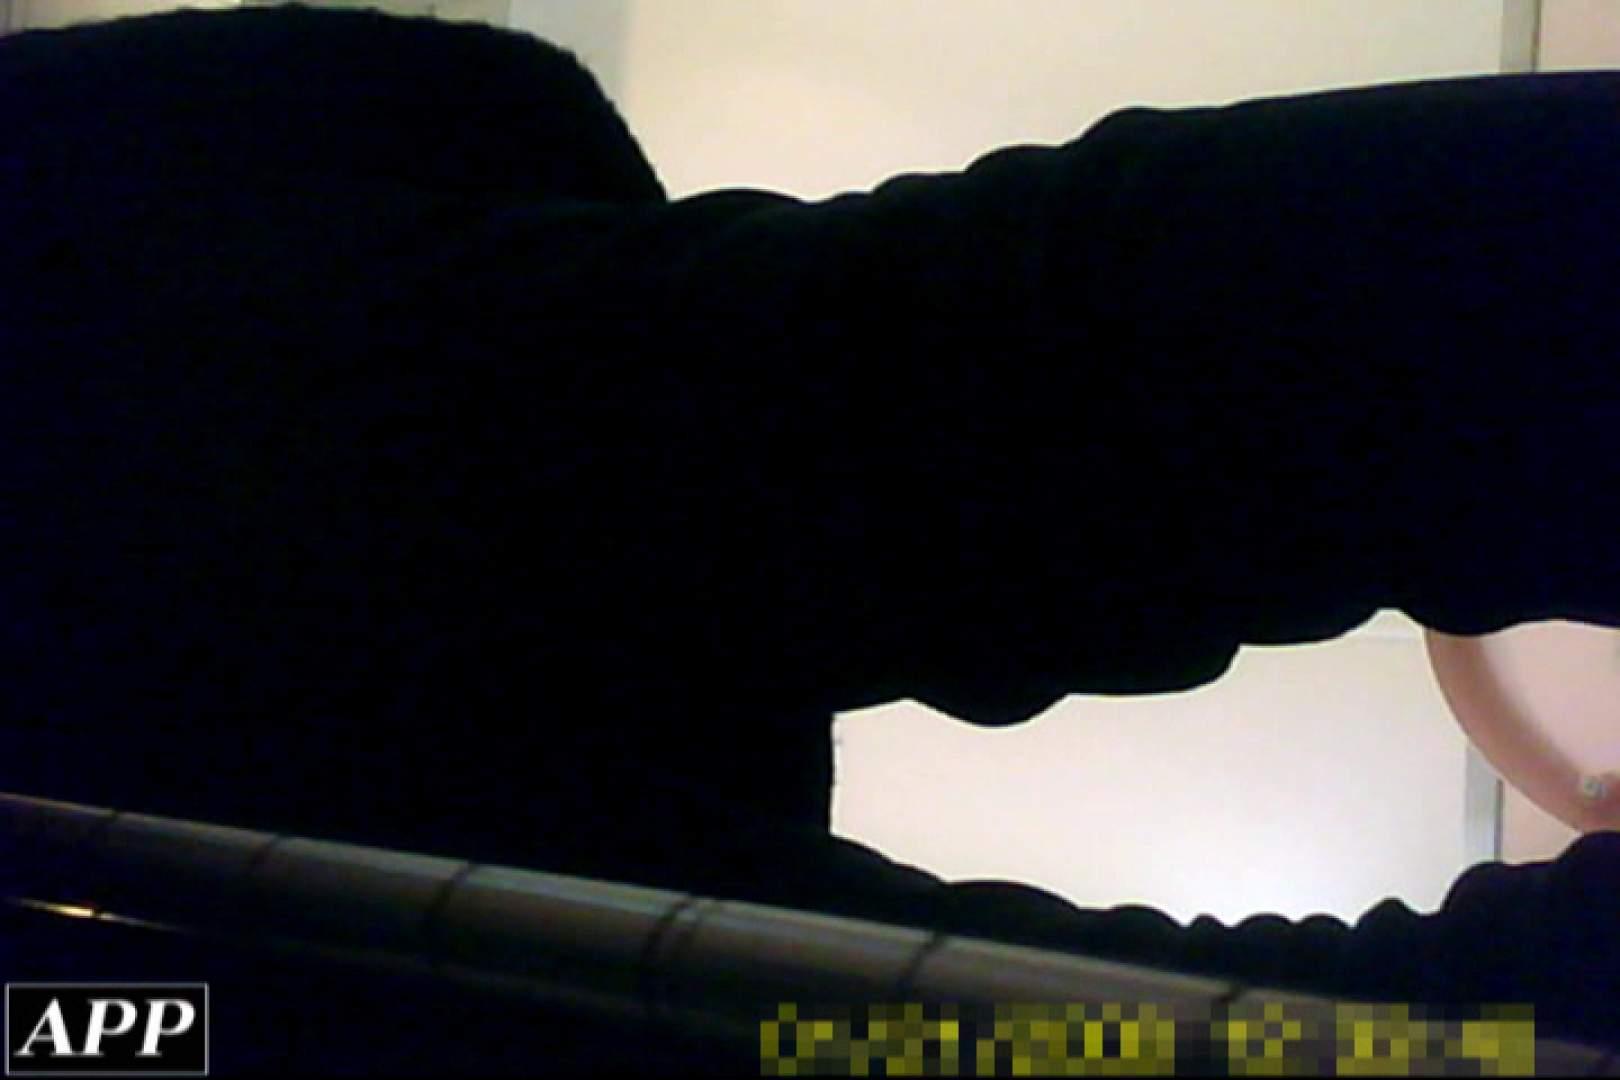 3視点洗面所 vol.70 肛門特集 アダルト動画キャプチャ 89pic 69